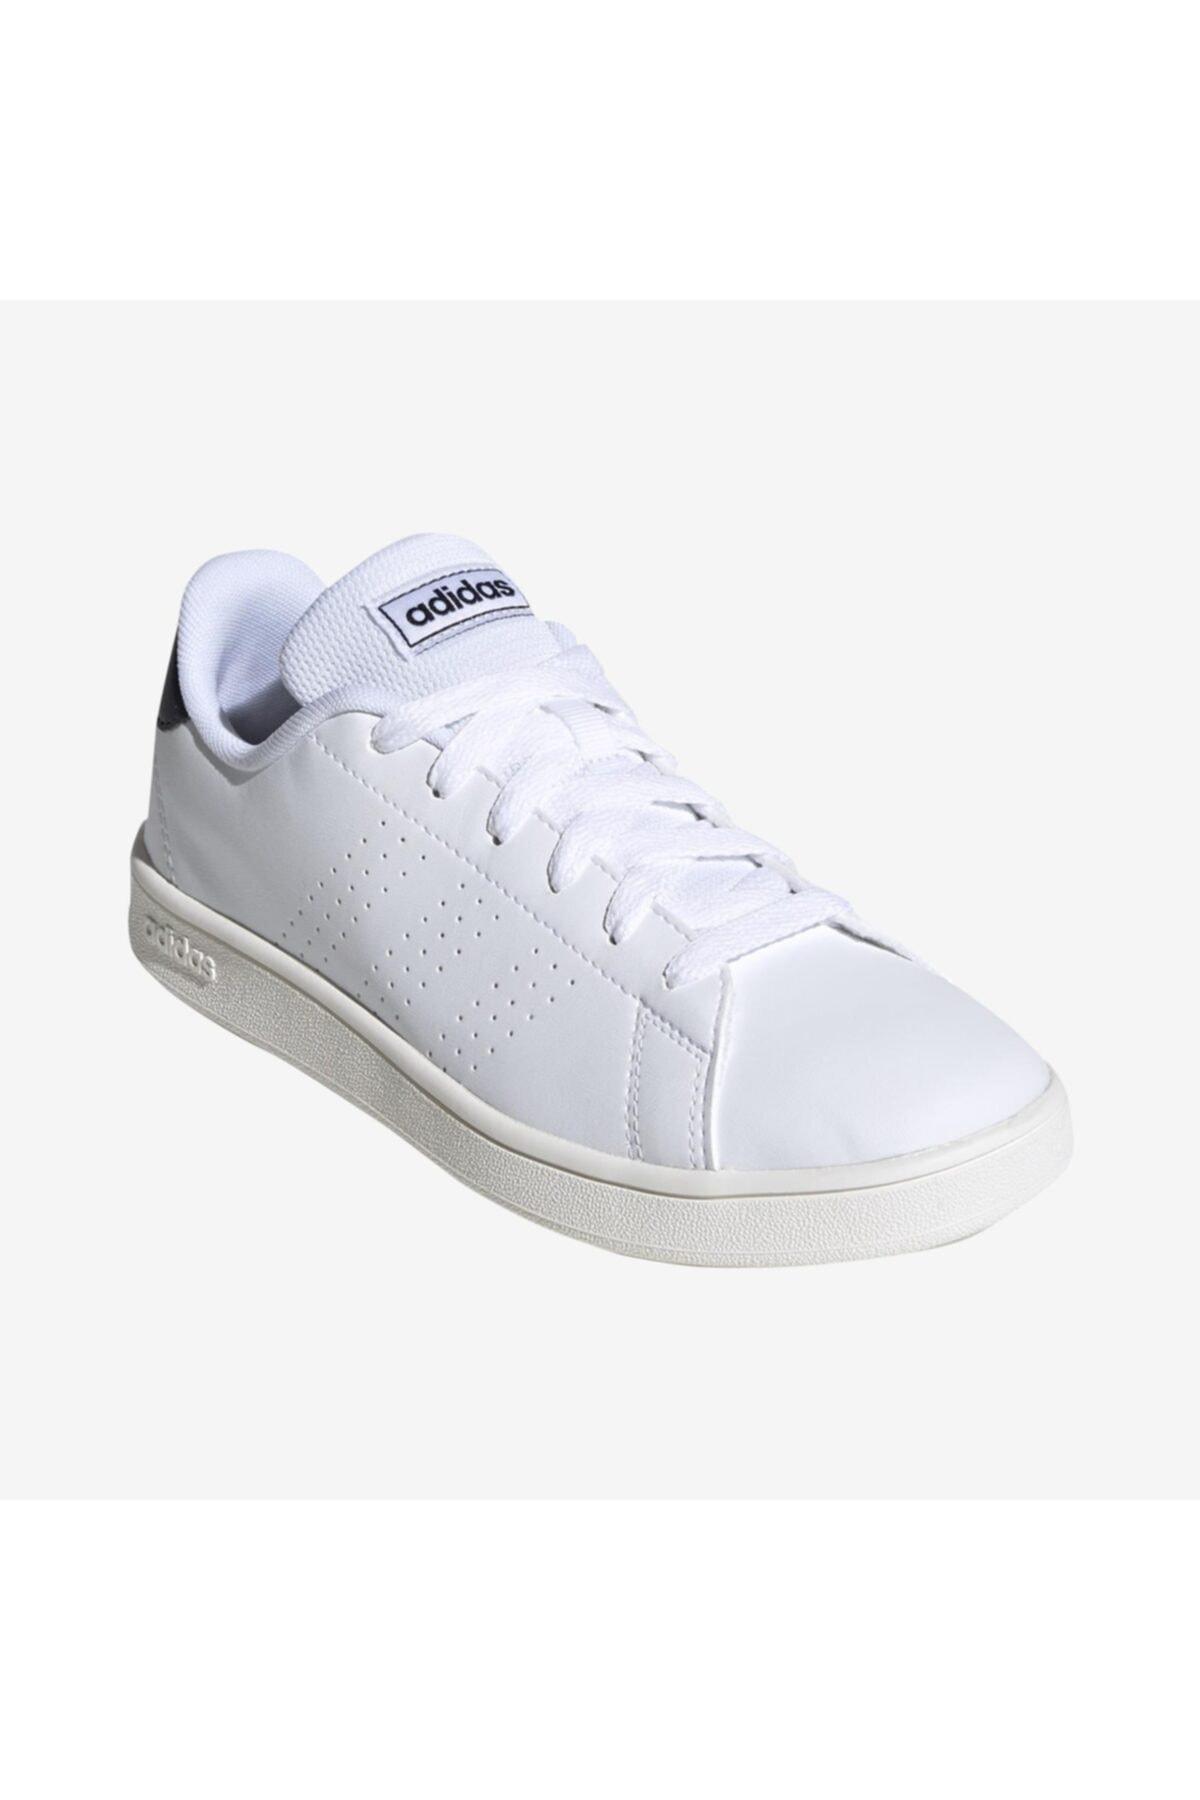 adidas Beyaz  Advantage Günlük Spor Ayakkabı Fw2588 2